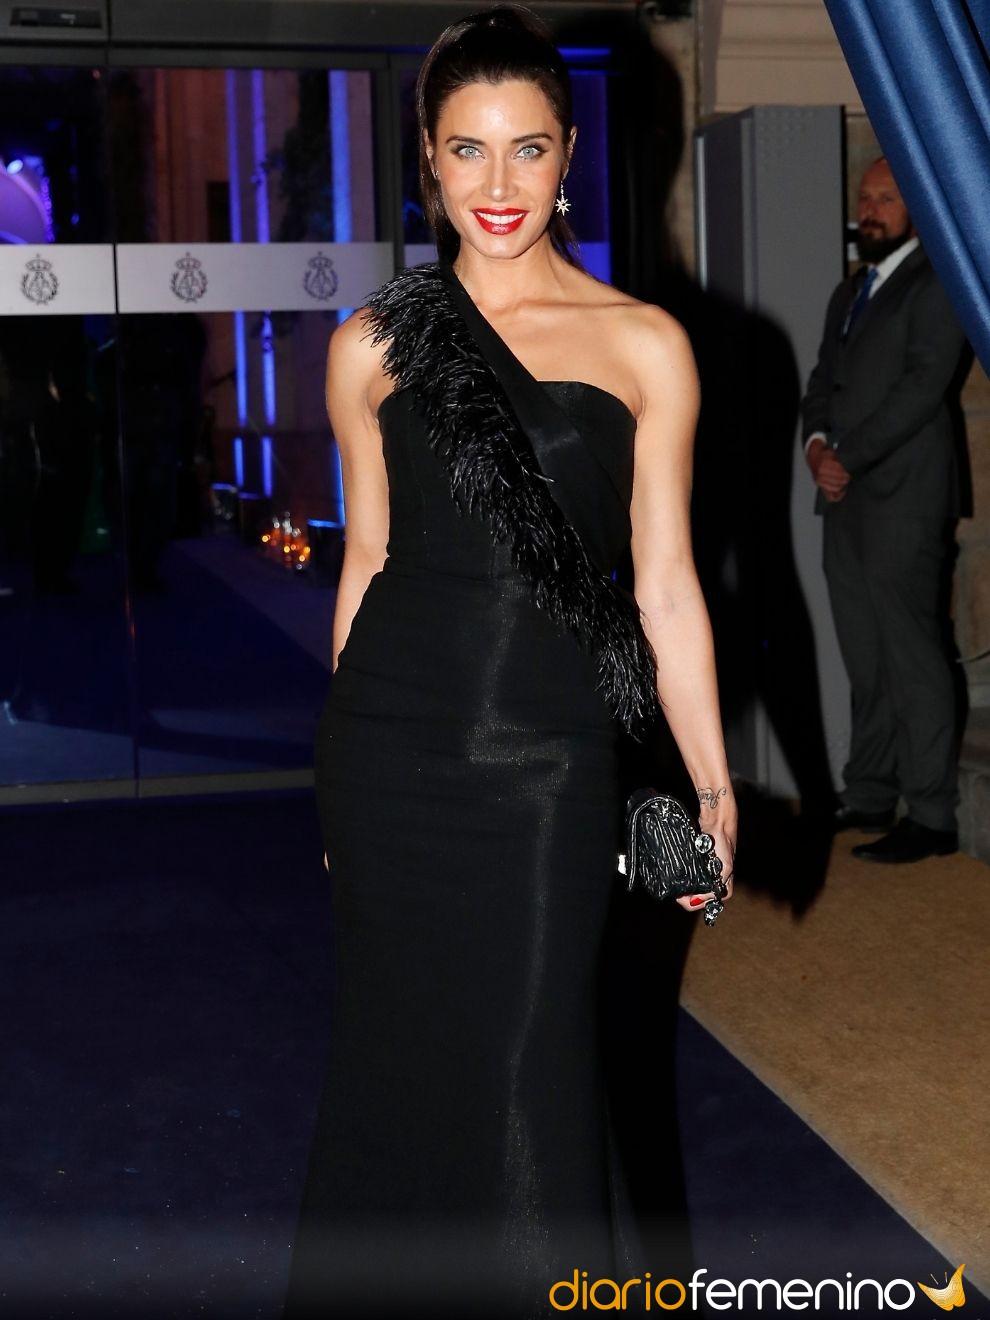 Sonar con un vestido negro elegante